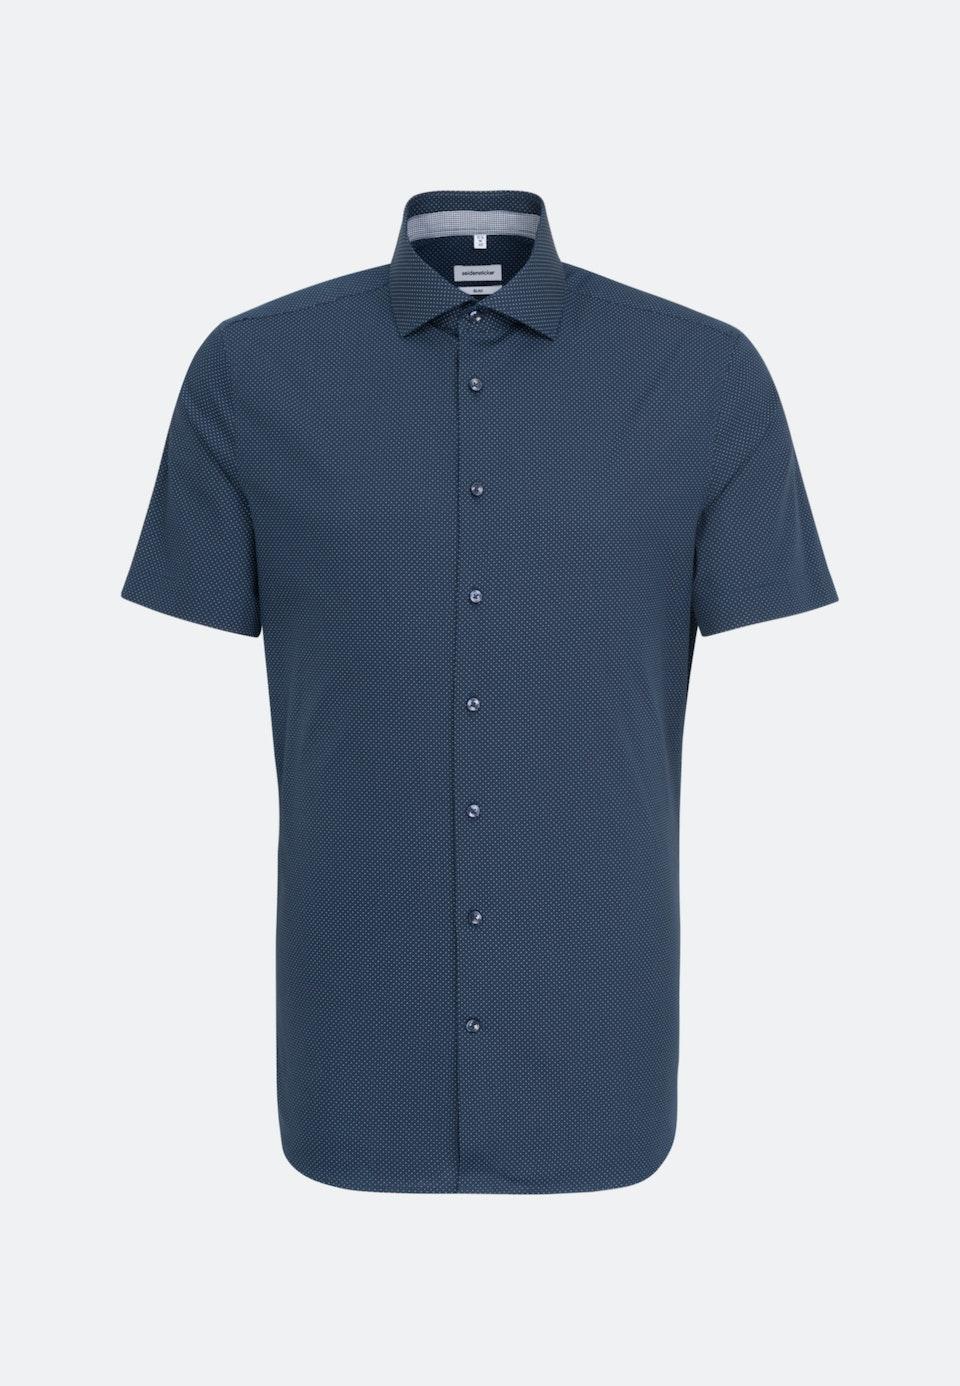 Bügelleichtes Popeline Kurzarm Business Hemd in Slim mit Kentkragen in Dunkelblau |  Seidensticker Onlineshop